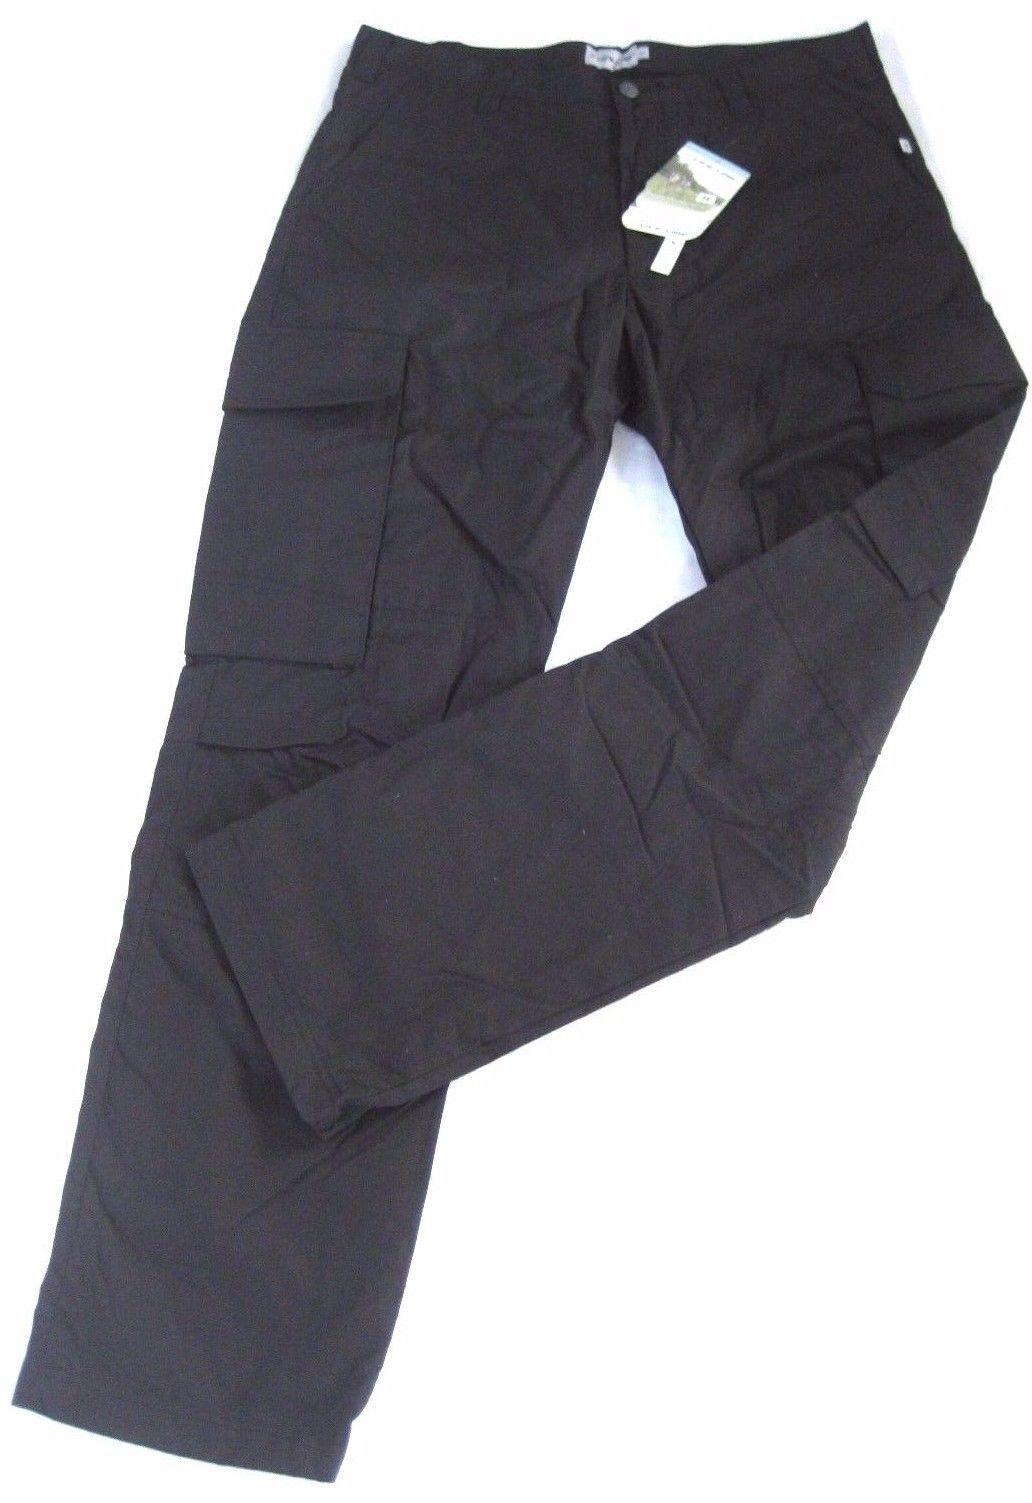 Life line Trail Waxtex pantalones hombres térmica térmica térmica pantalones cargo viento impermeable negro 497c15